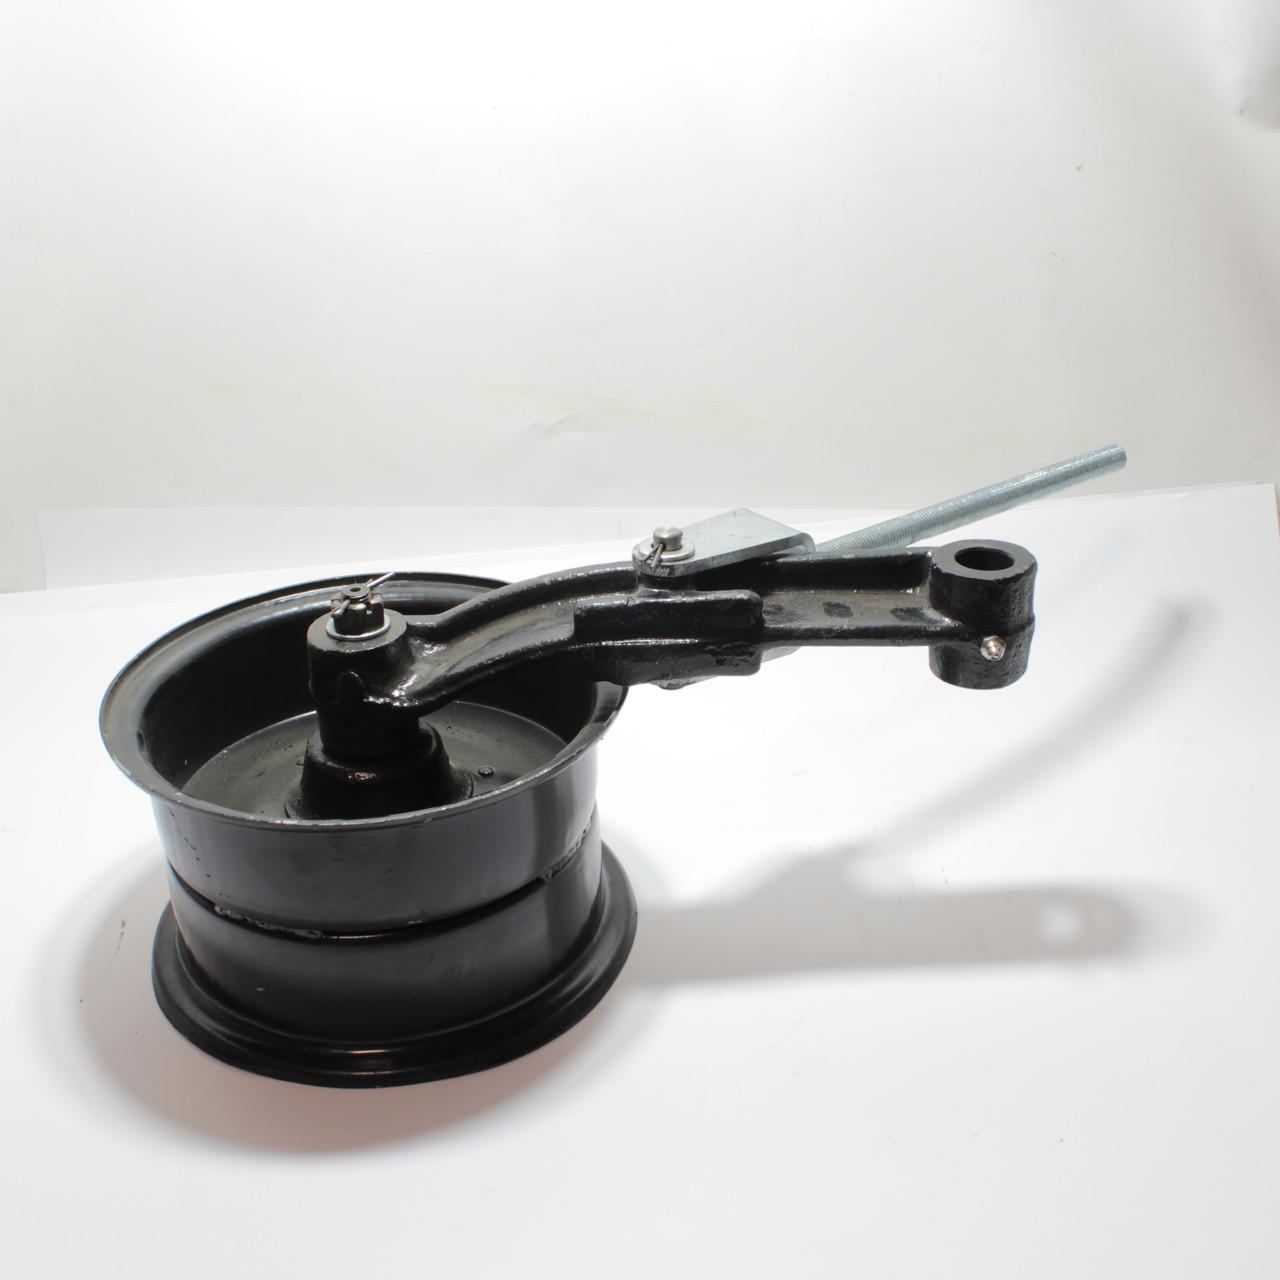 Шкив натяжной привода молотилки с рычагом Нива СК-5 44Б-3-19-01/44Б-3-19-01